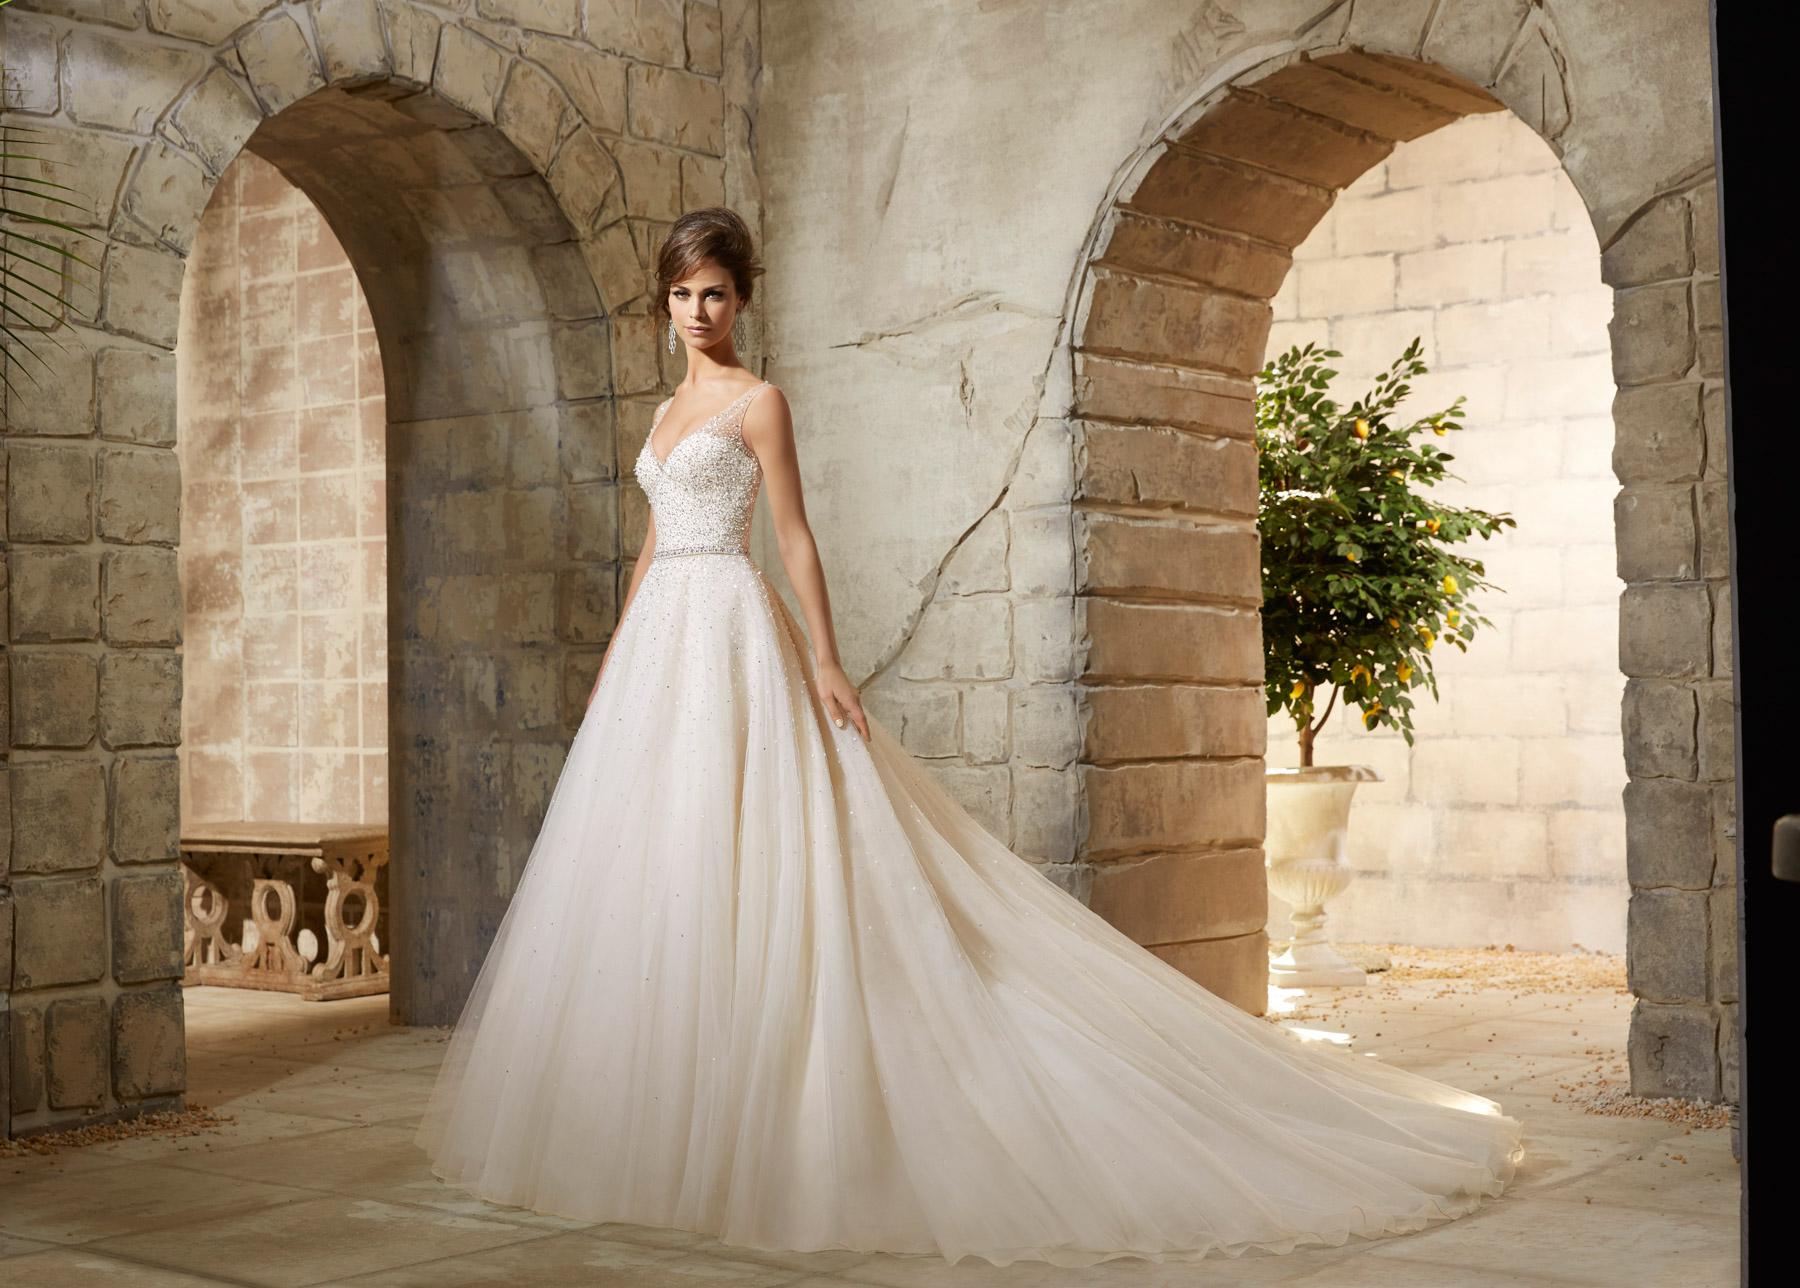 Wedding Dress Shop Leeds I Designer Bridal Gowns I West Yorkshire I ...